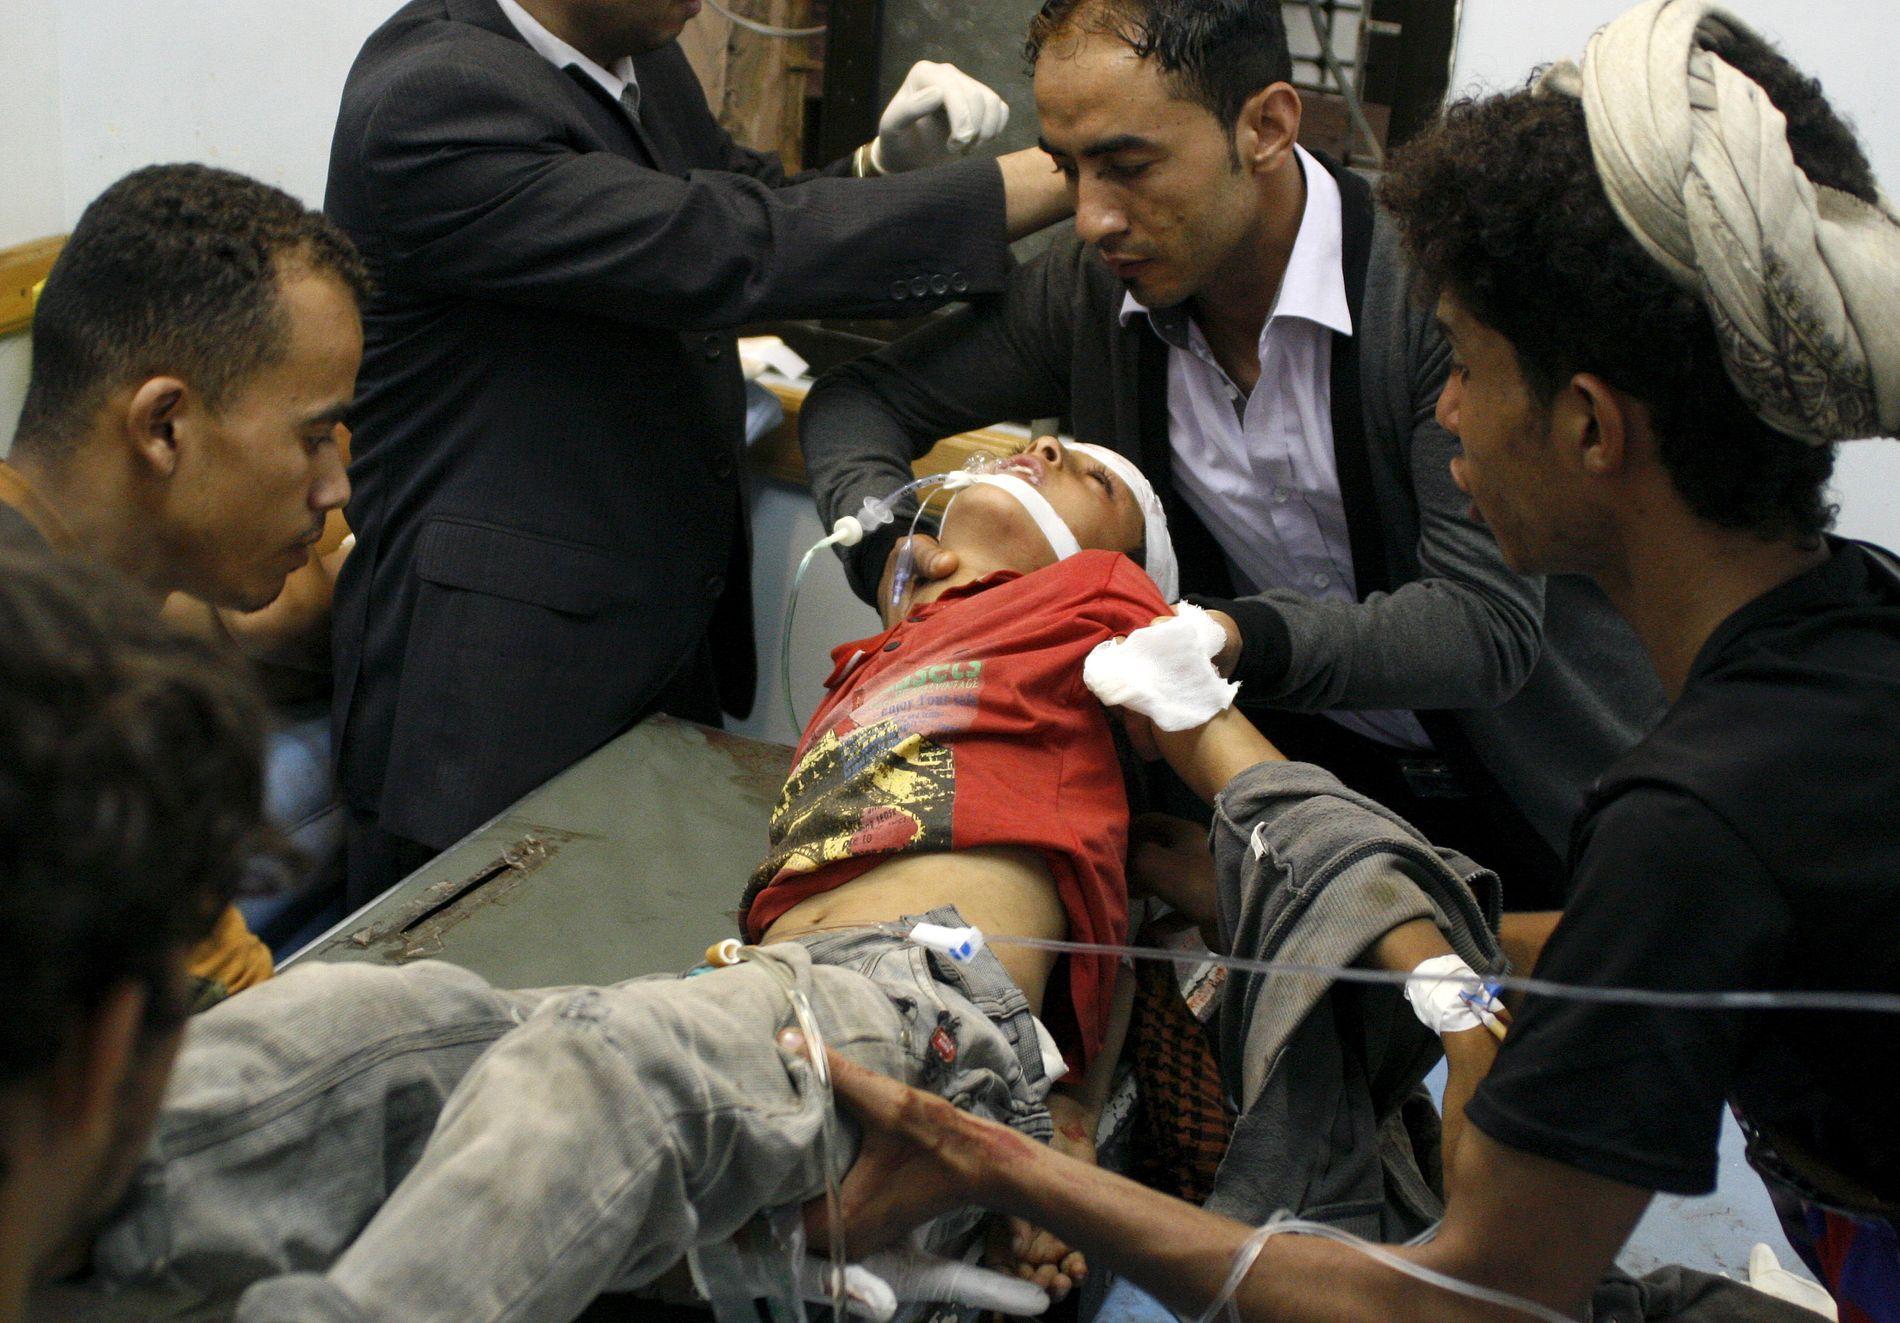 SKADET: En gutt hjelpes på sykehus etter at han ble skadet i kryssild mellom styrker som blant andre Emiratene støtter, og Houti-opprørere, i byen Taiz i mai.